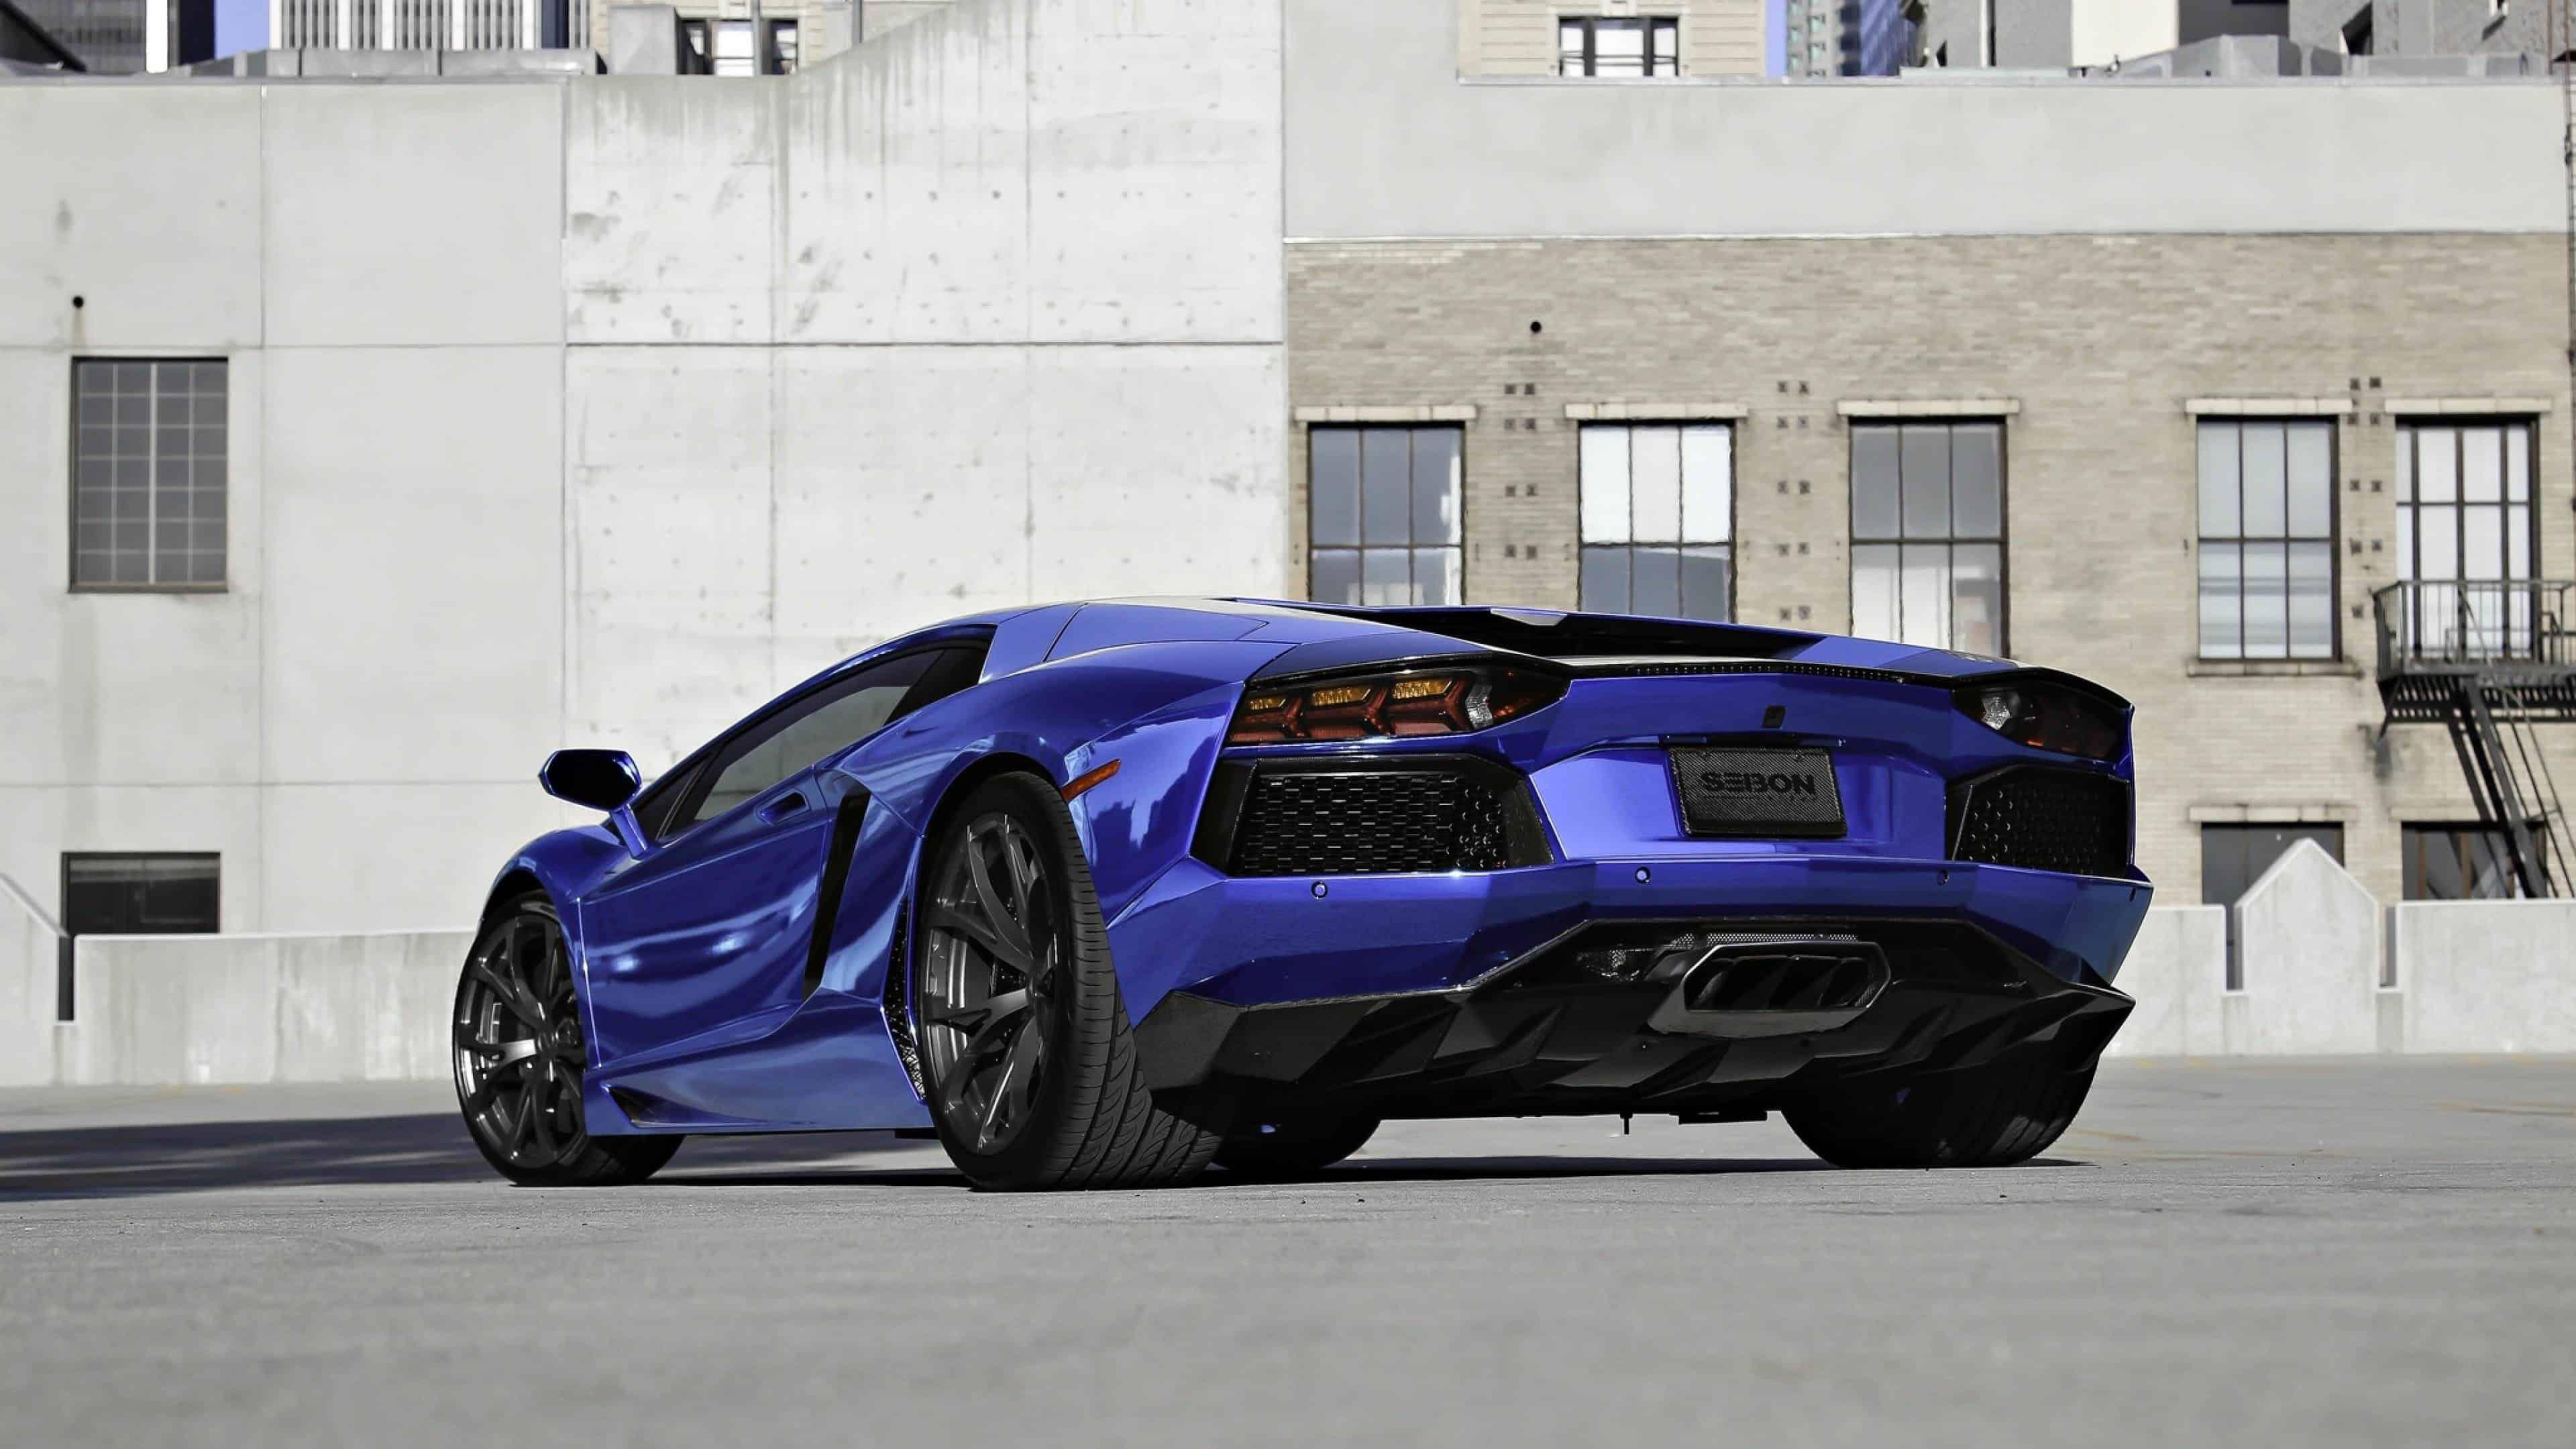 Hd Wallpaper Download Of Super Cars Lamborghini Aventador Lp700 4 Uhd 4k Wallpaper Pixelz